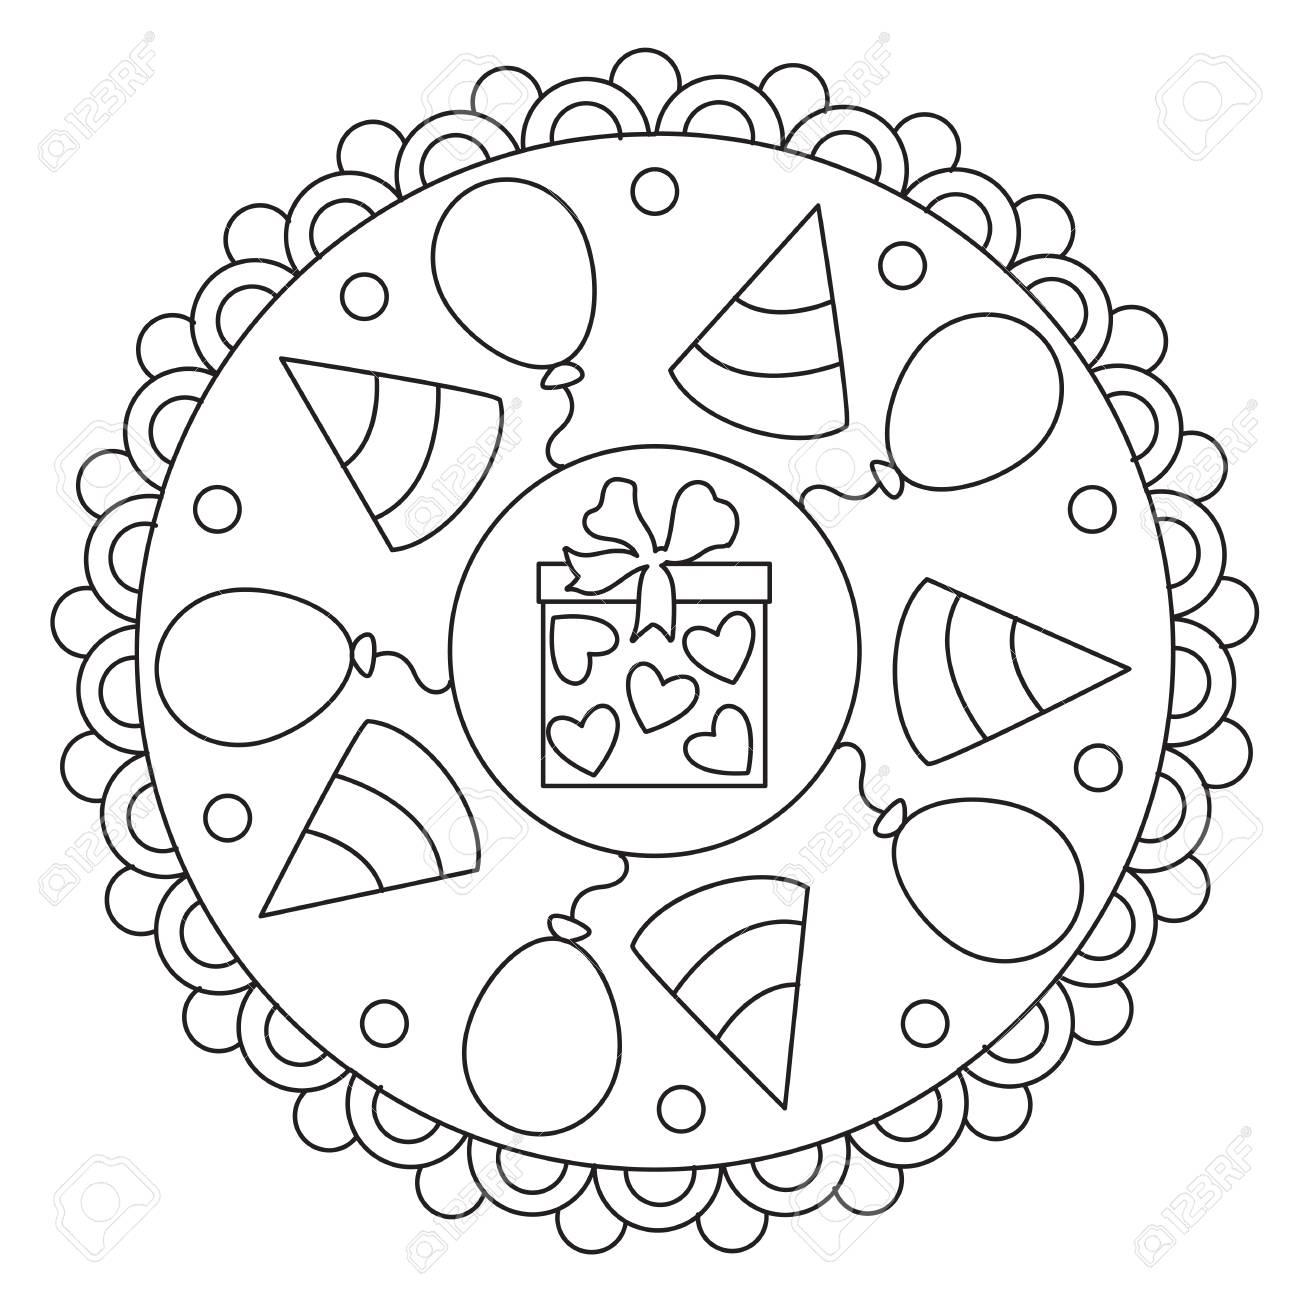 Coloriage Mandala Rond.Vector Coloriage Mandala Simple Rond Ornement De Celebration Pour